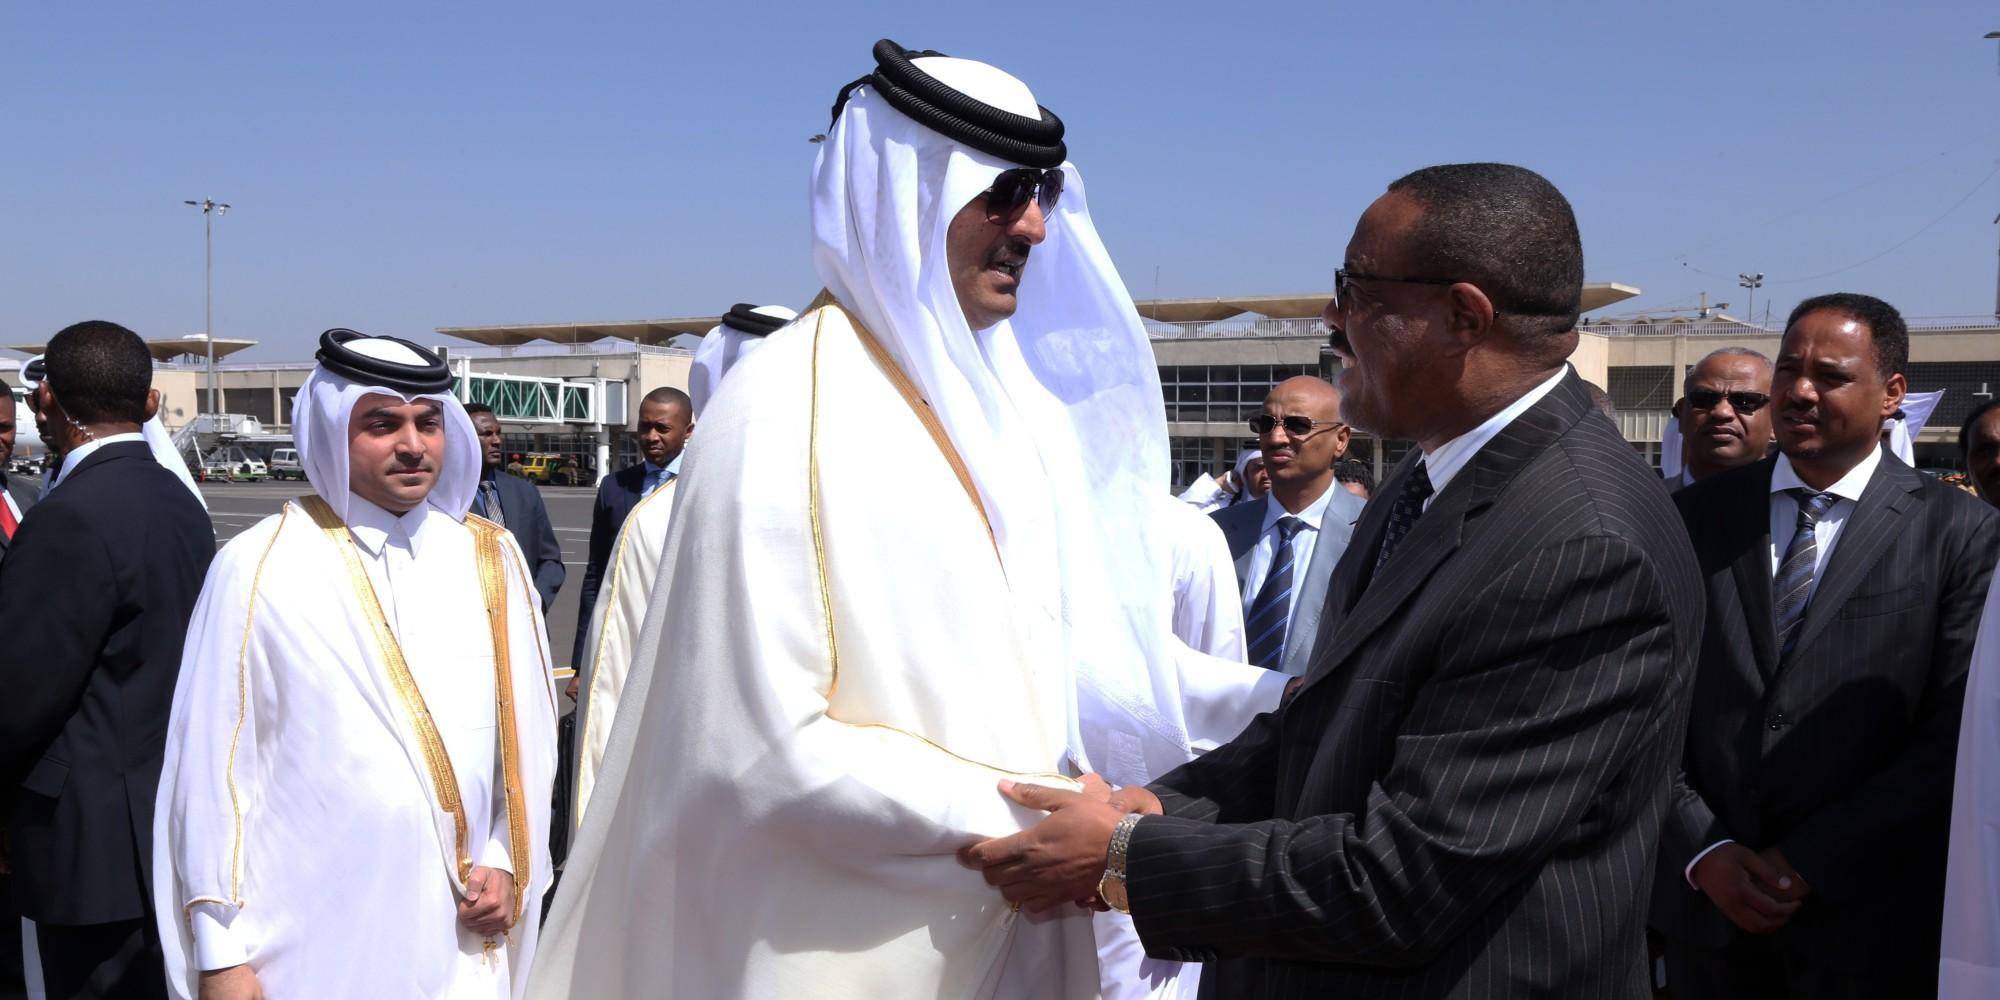 لم يناقشا ملف سد النهضة.. قطار وبنية تحتية ومشاريع غذائية خلاصة زيارة أمير قطر إلى إثيوبيا